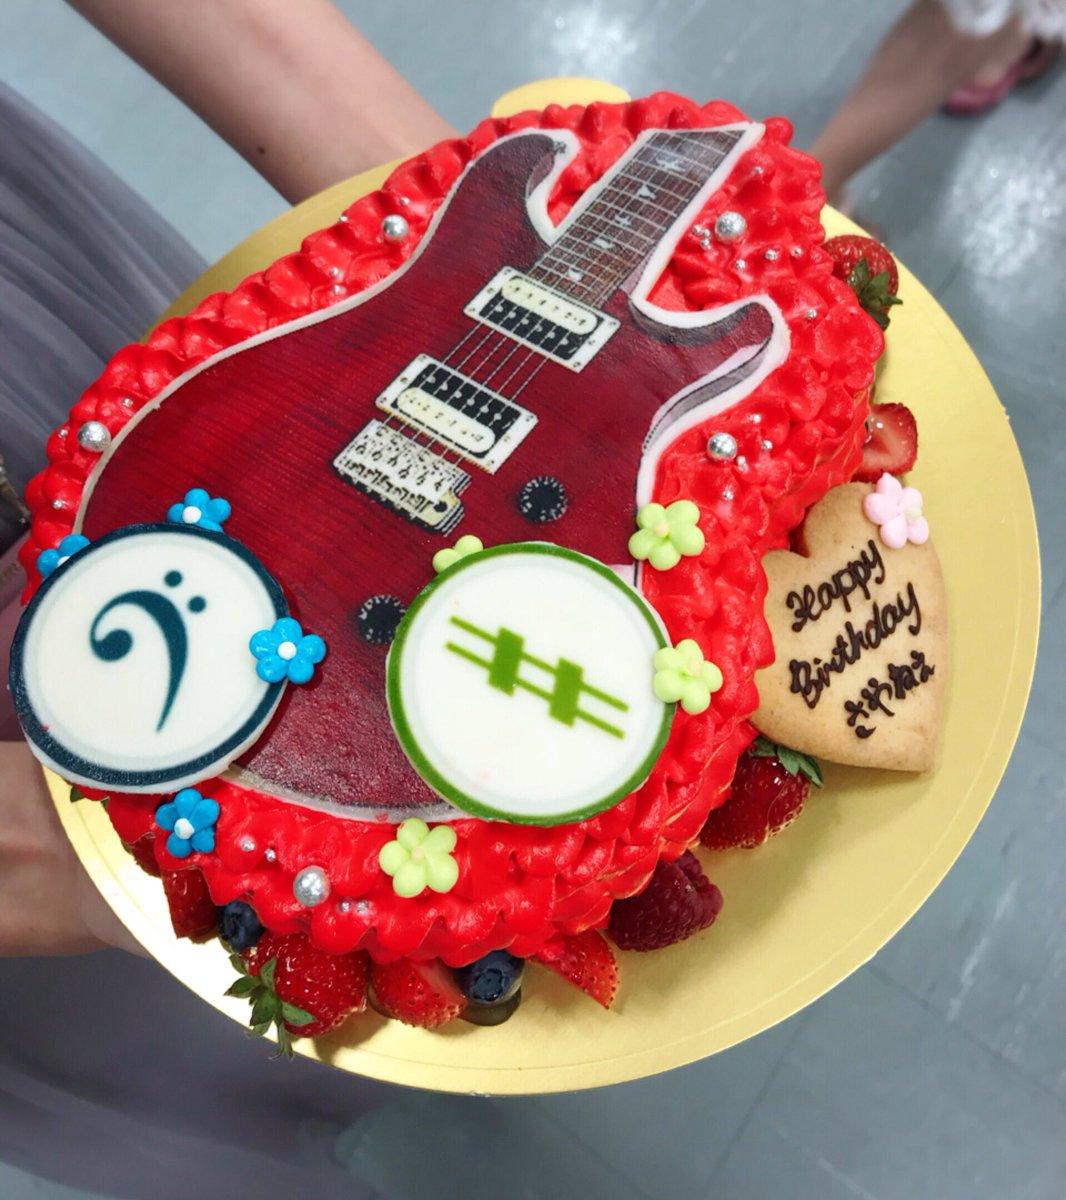 AKBのスタッフさんが 用意して下さったケーキ。  ギターも勿論凄いのだけど 推し様がいるのが...😢♥️  #アイナナ